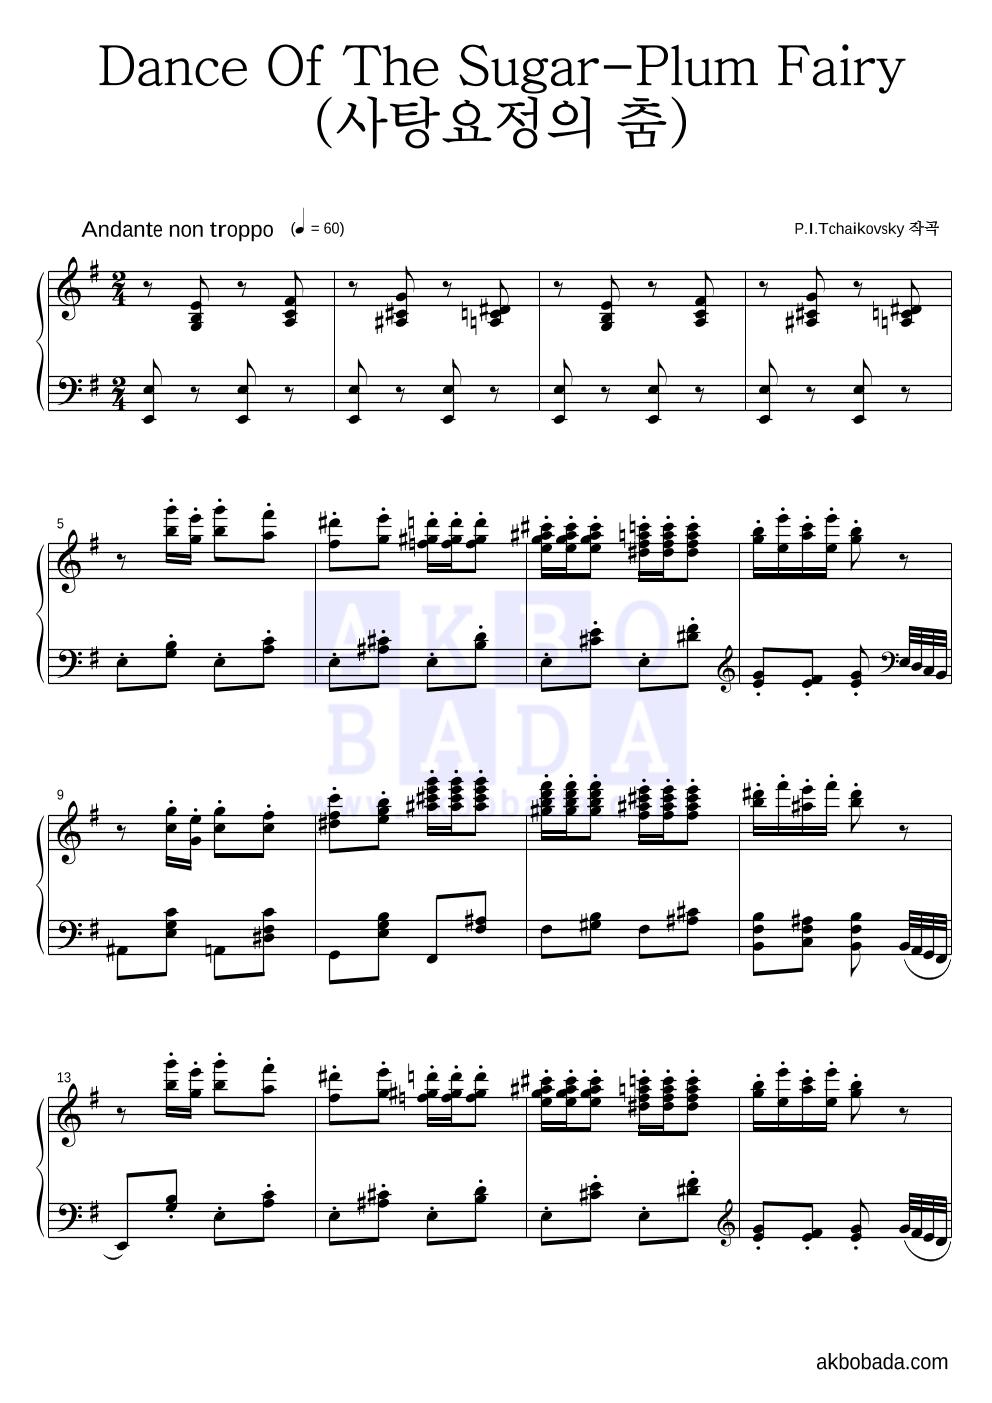 차이코프스키 - Dance Of The Sugar-Plum Fairy (사탕요정의 춤) 피아노 2단 악보